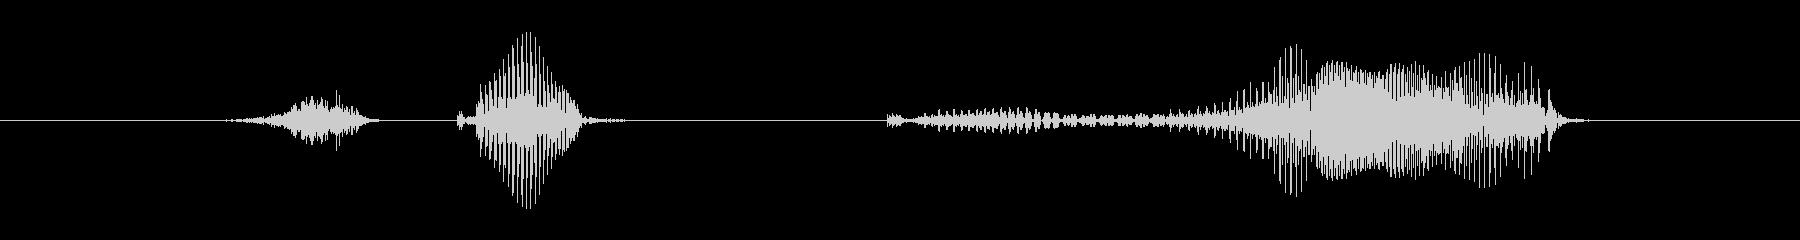 step7の未再生の波形